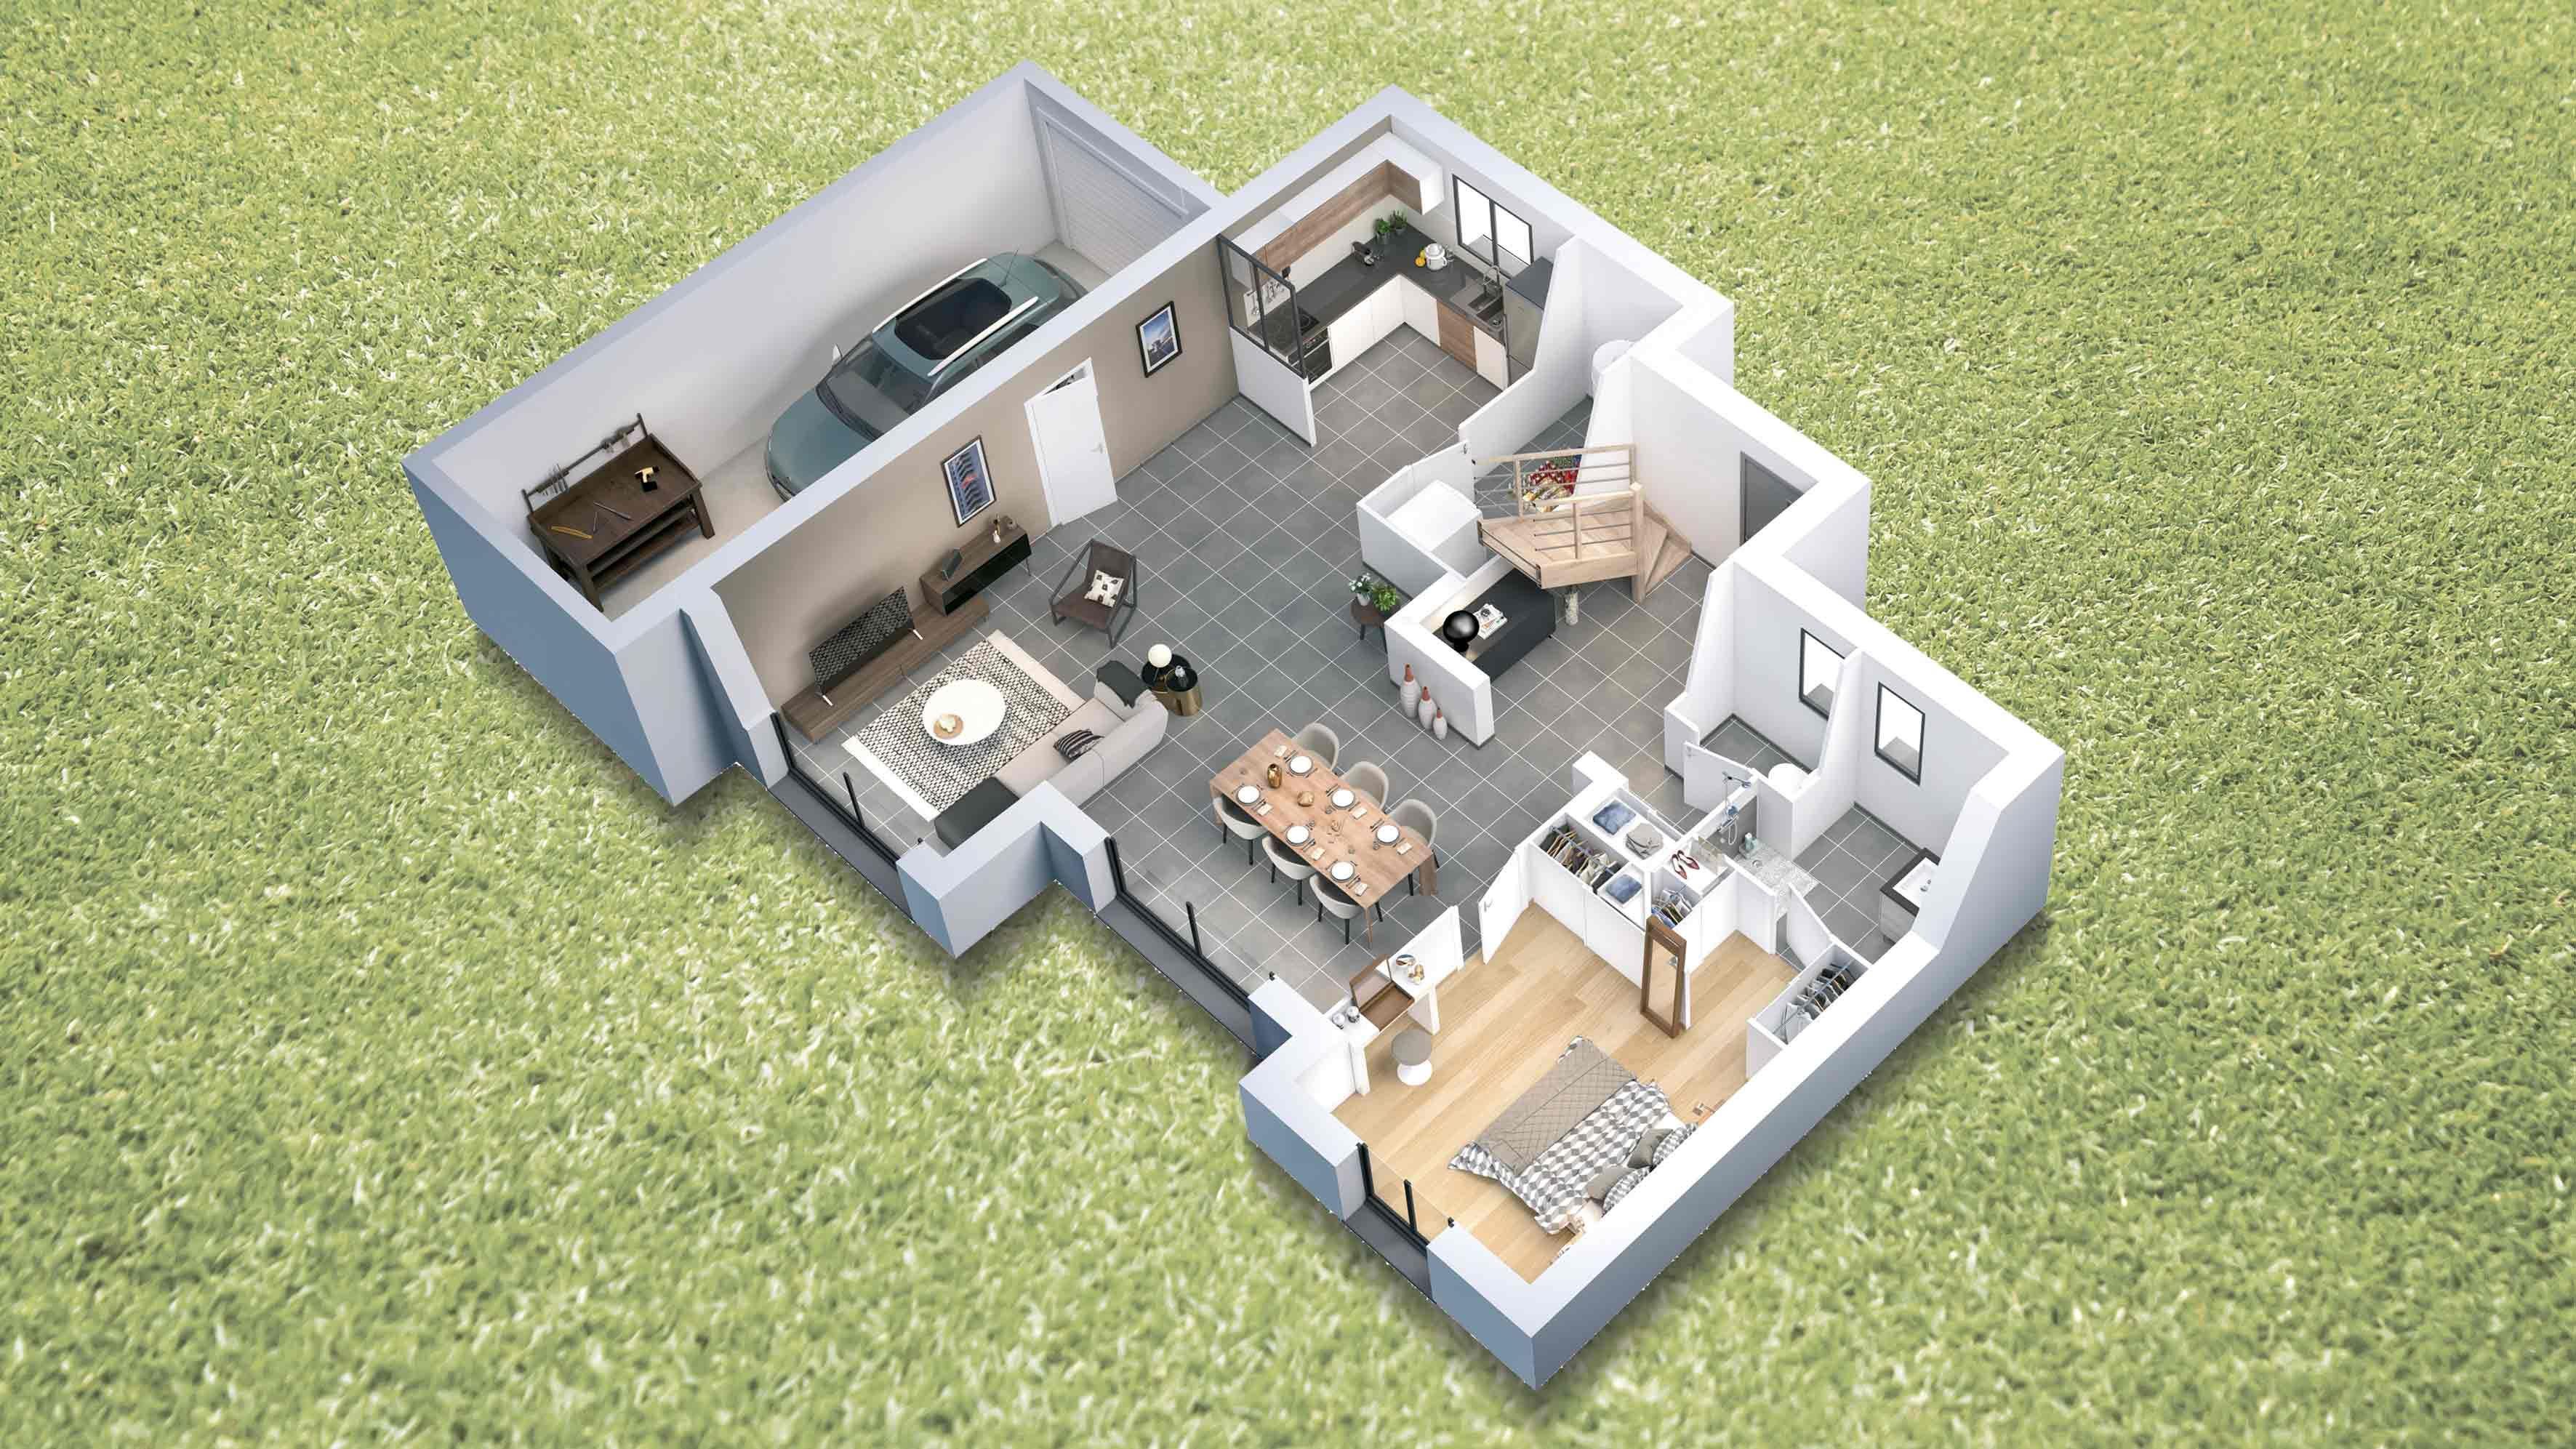 Avis Constructeur Couleur Villas regency - maisons sic | constructeur de maison individuelle